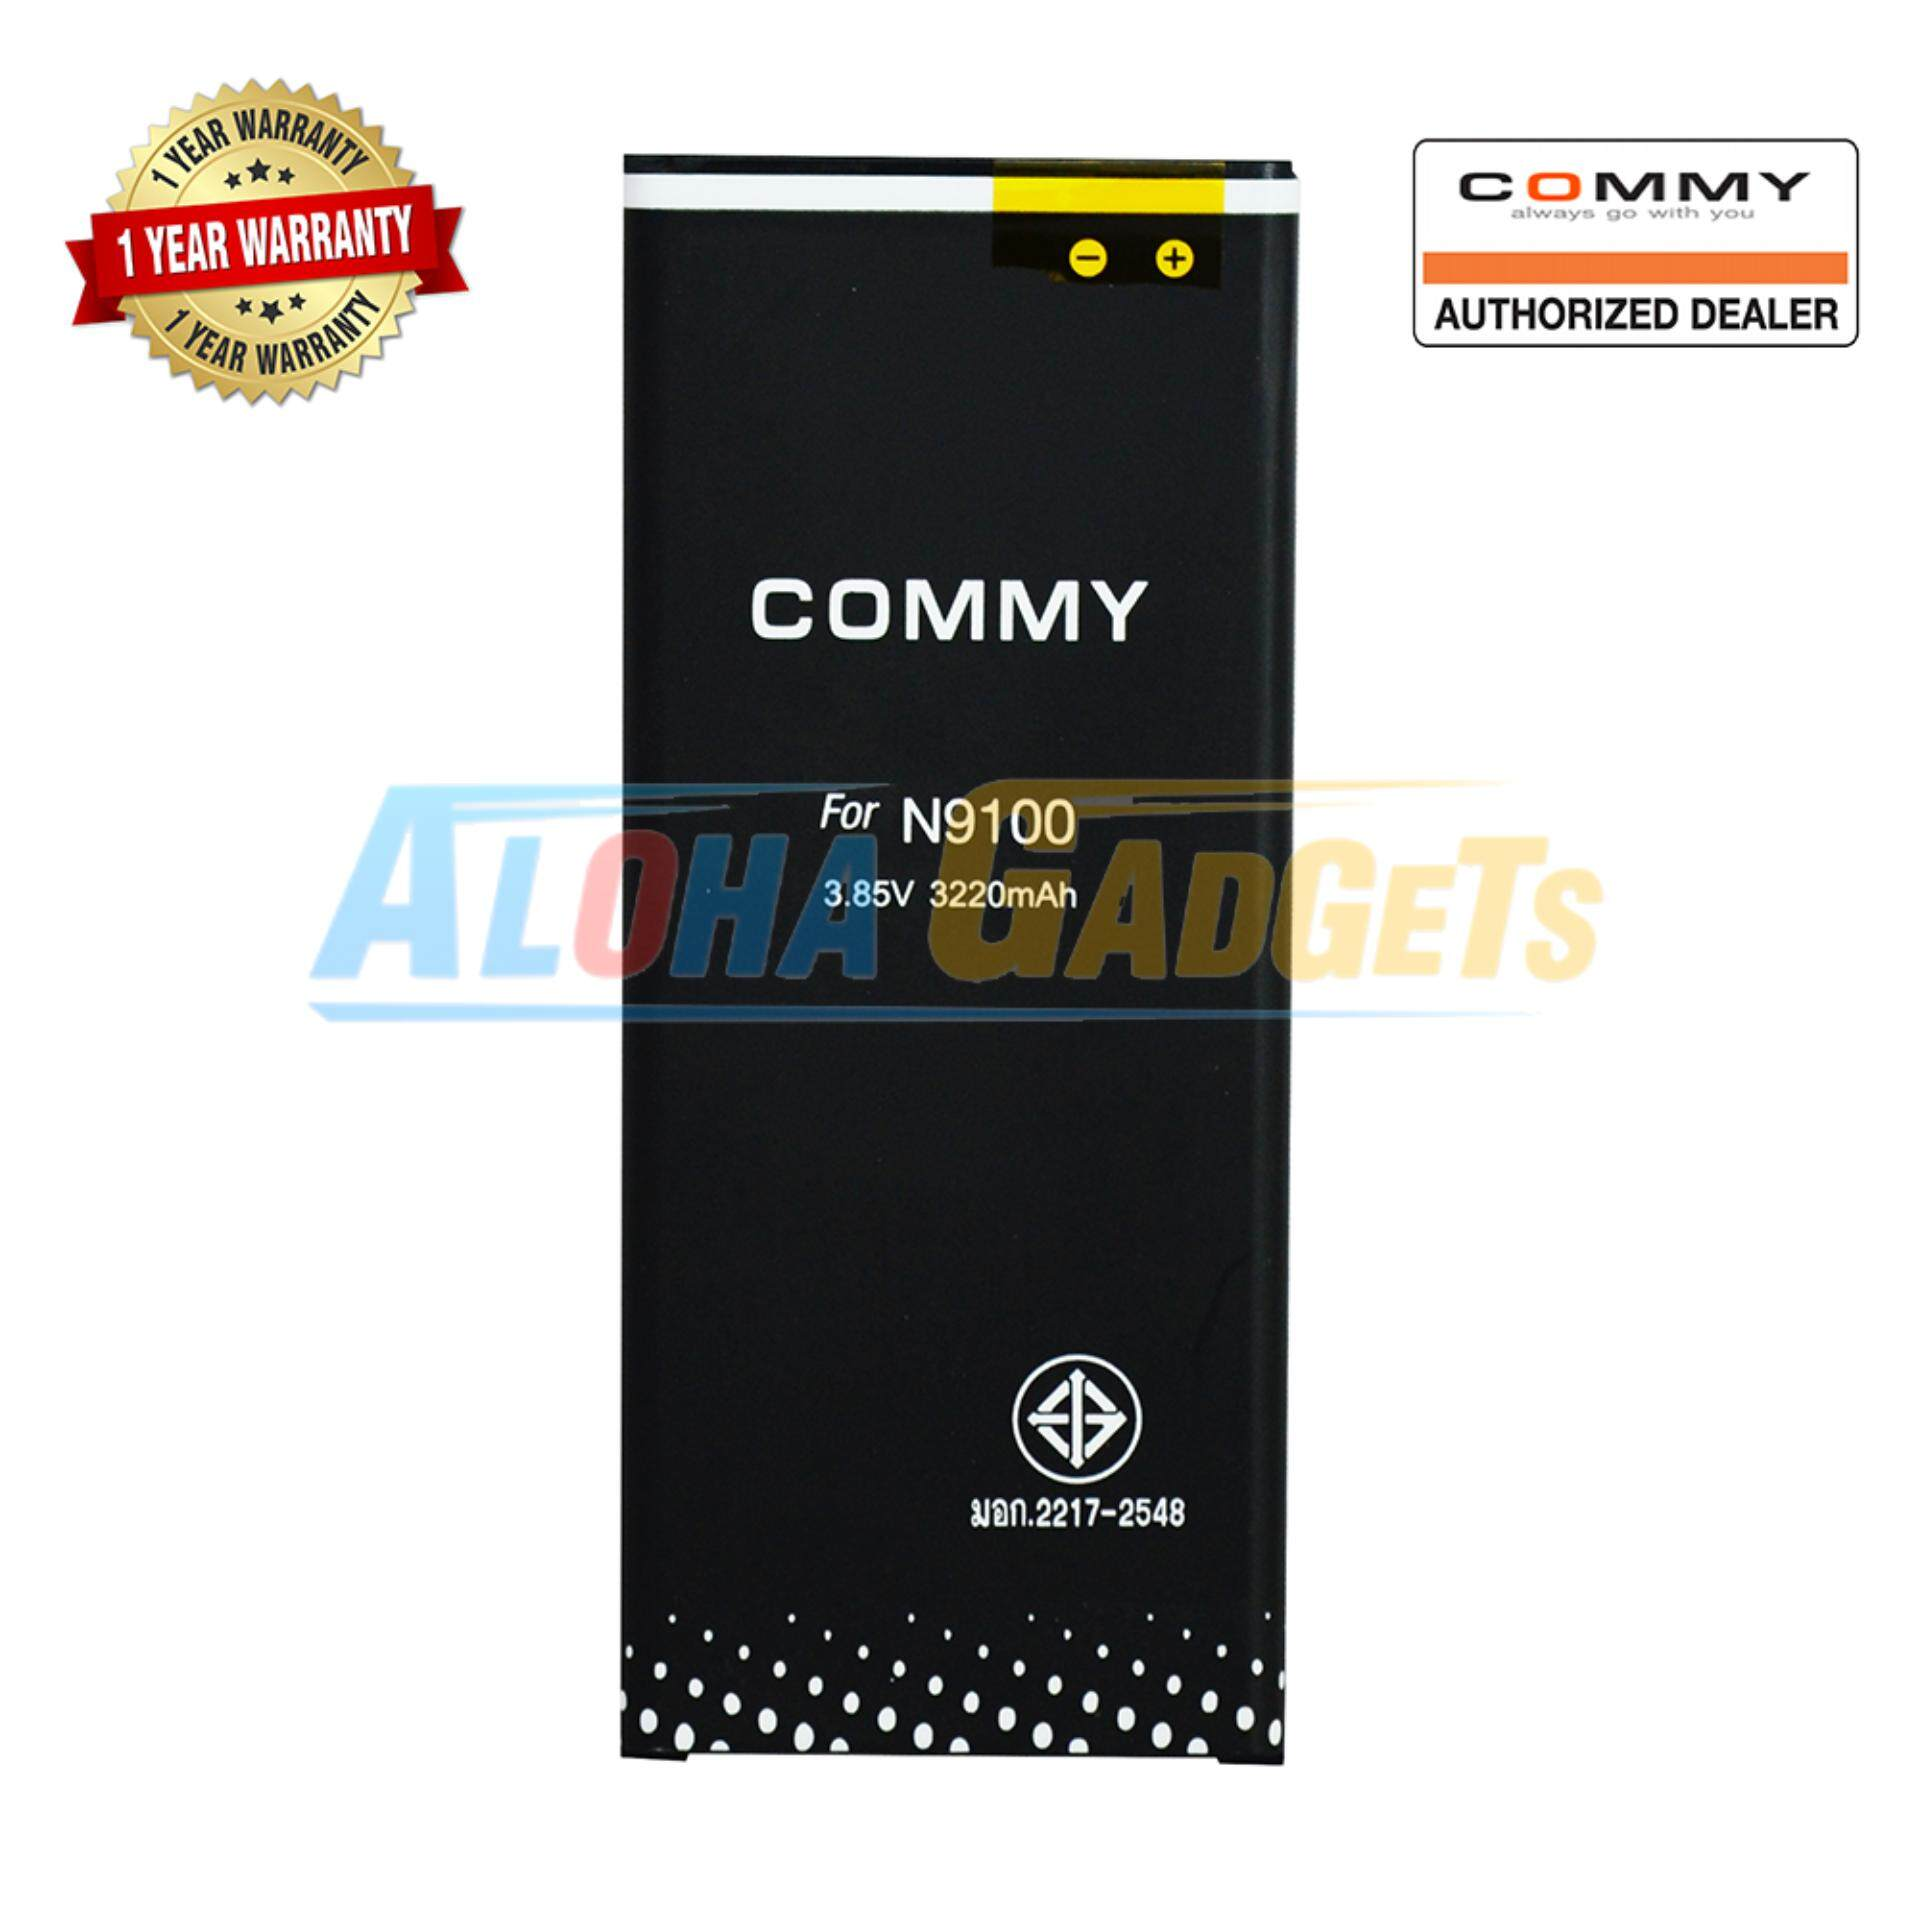 ขาย Commy แบตเตอรี่ Samsung Galaxy Note 4 N9100 ถูก